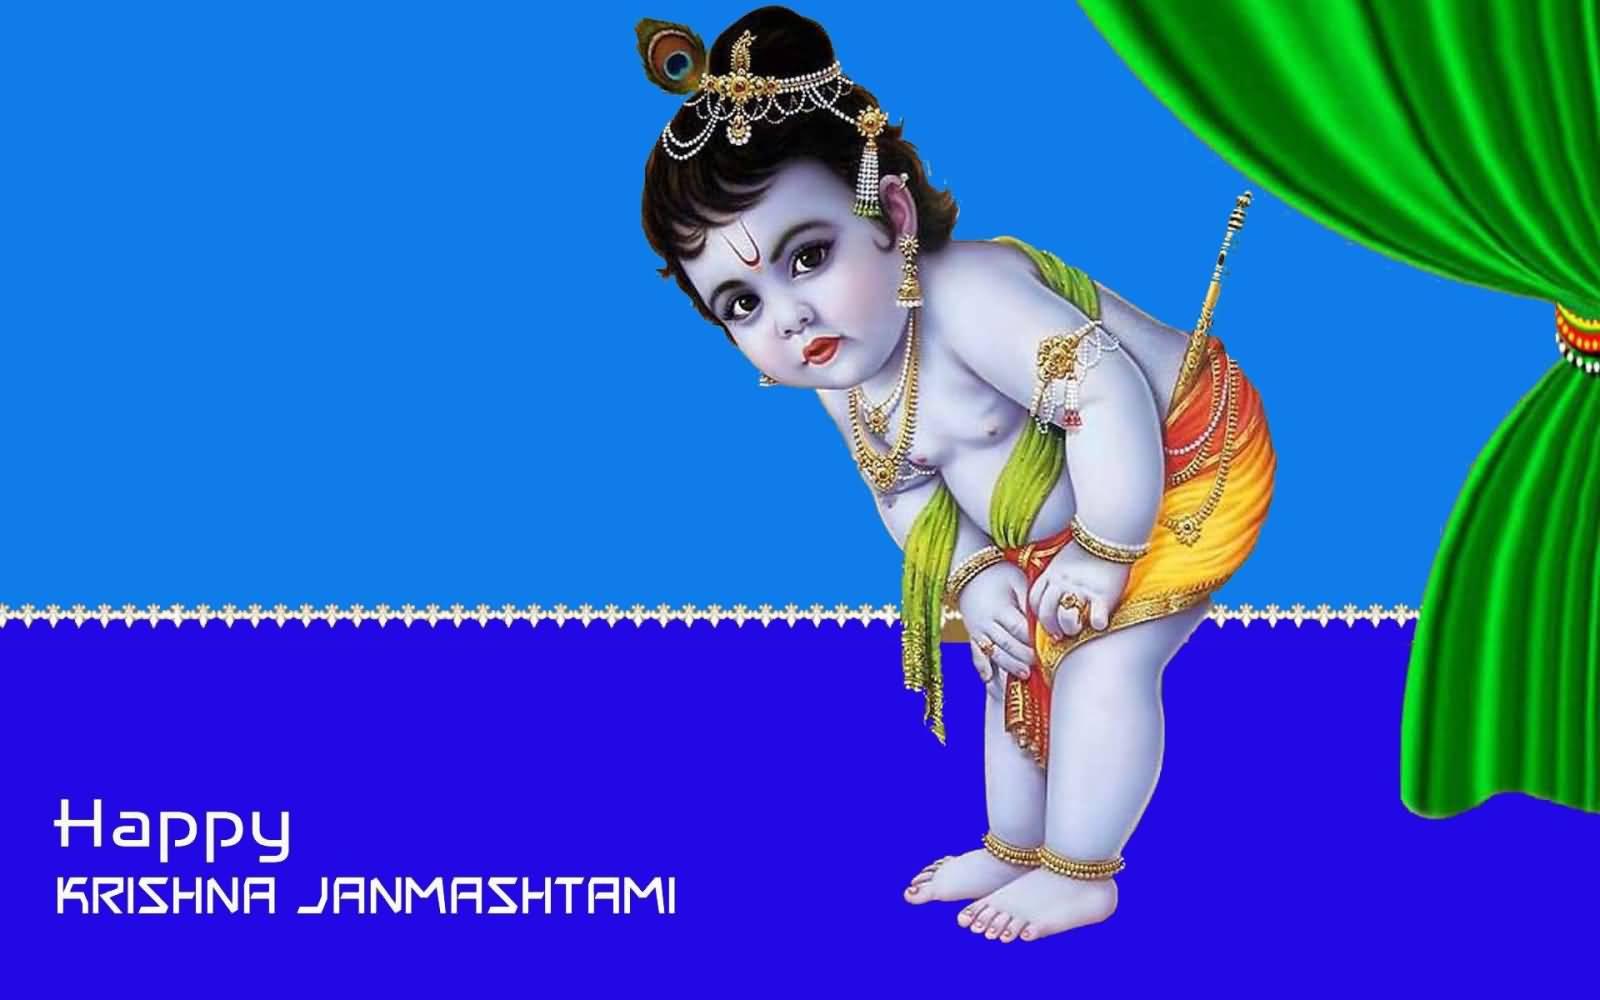 krishan hd wallpapers